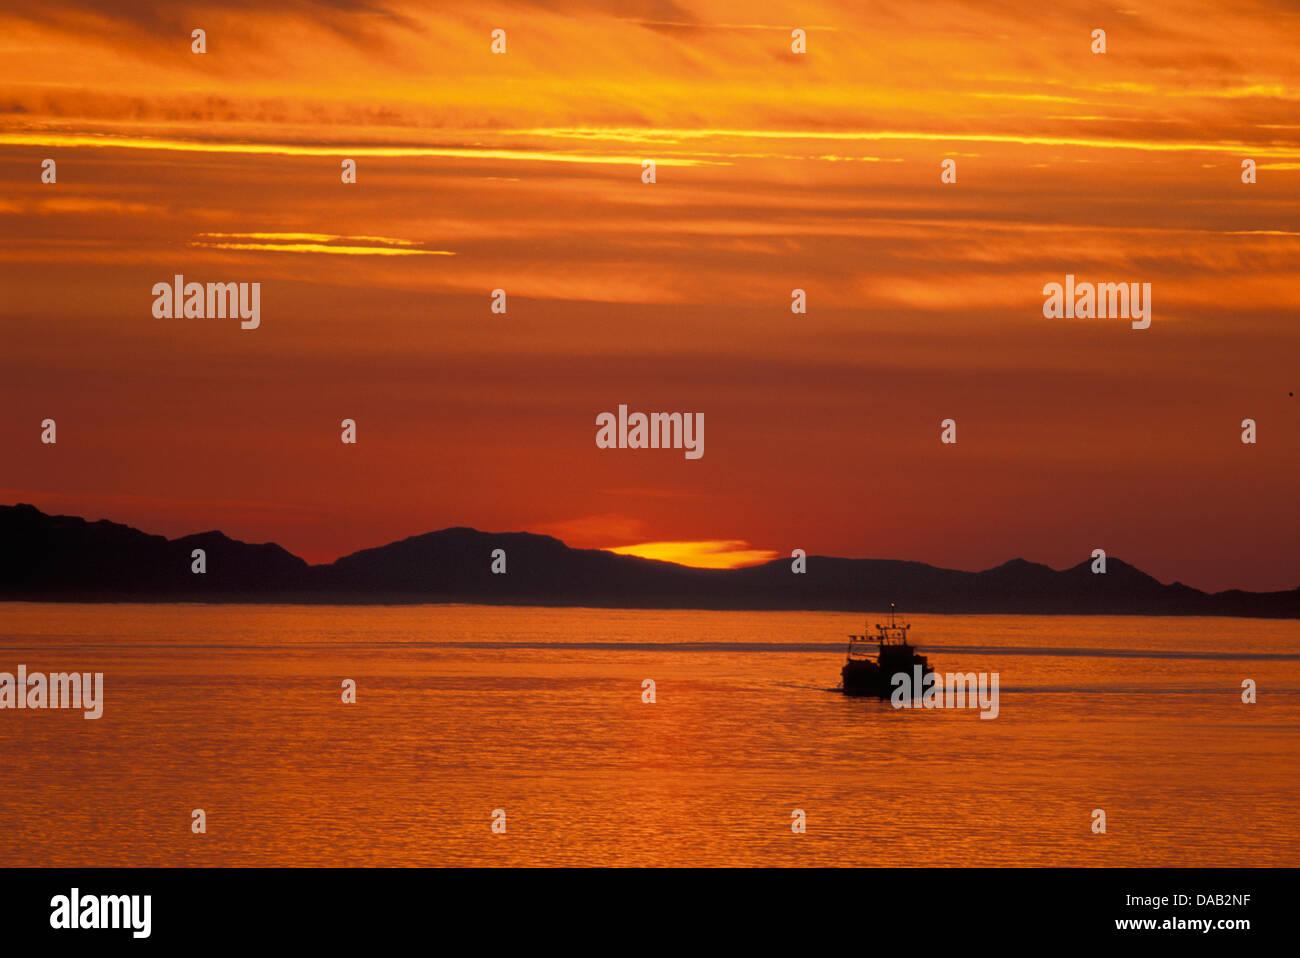 Sunset, pasaje, cerca de San Petersburgo, Alaska, EE.UU., esbozó, naranja, amanecer, crepúsculo, crepúsculo, Imagen De Stock